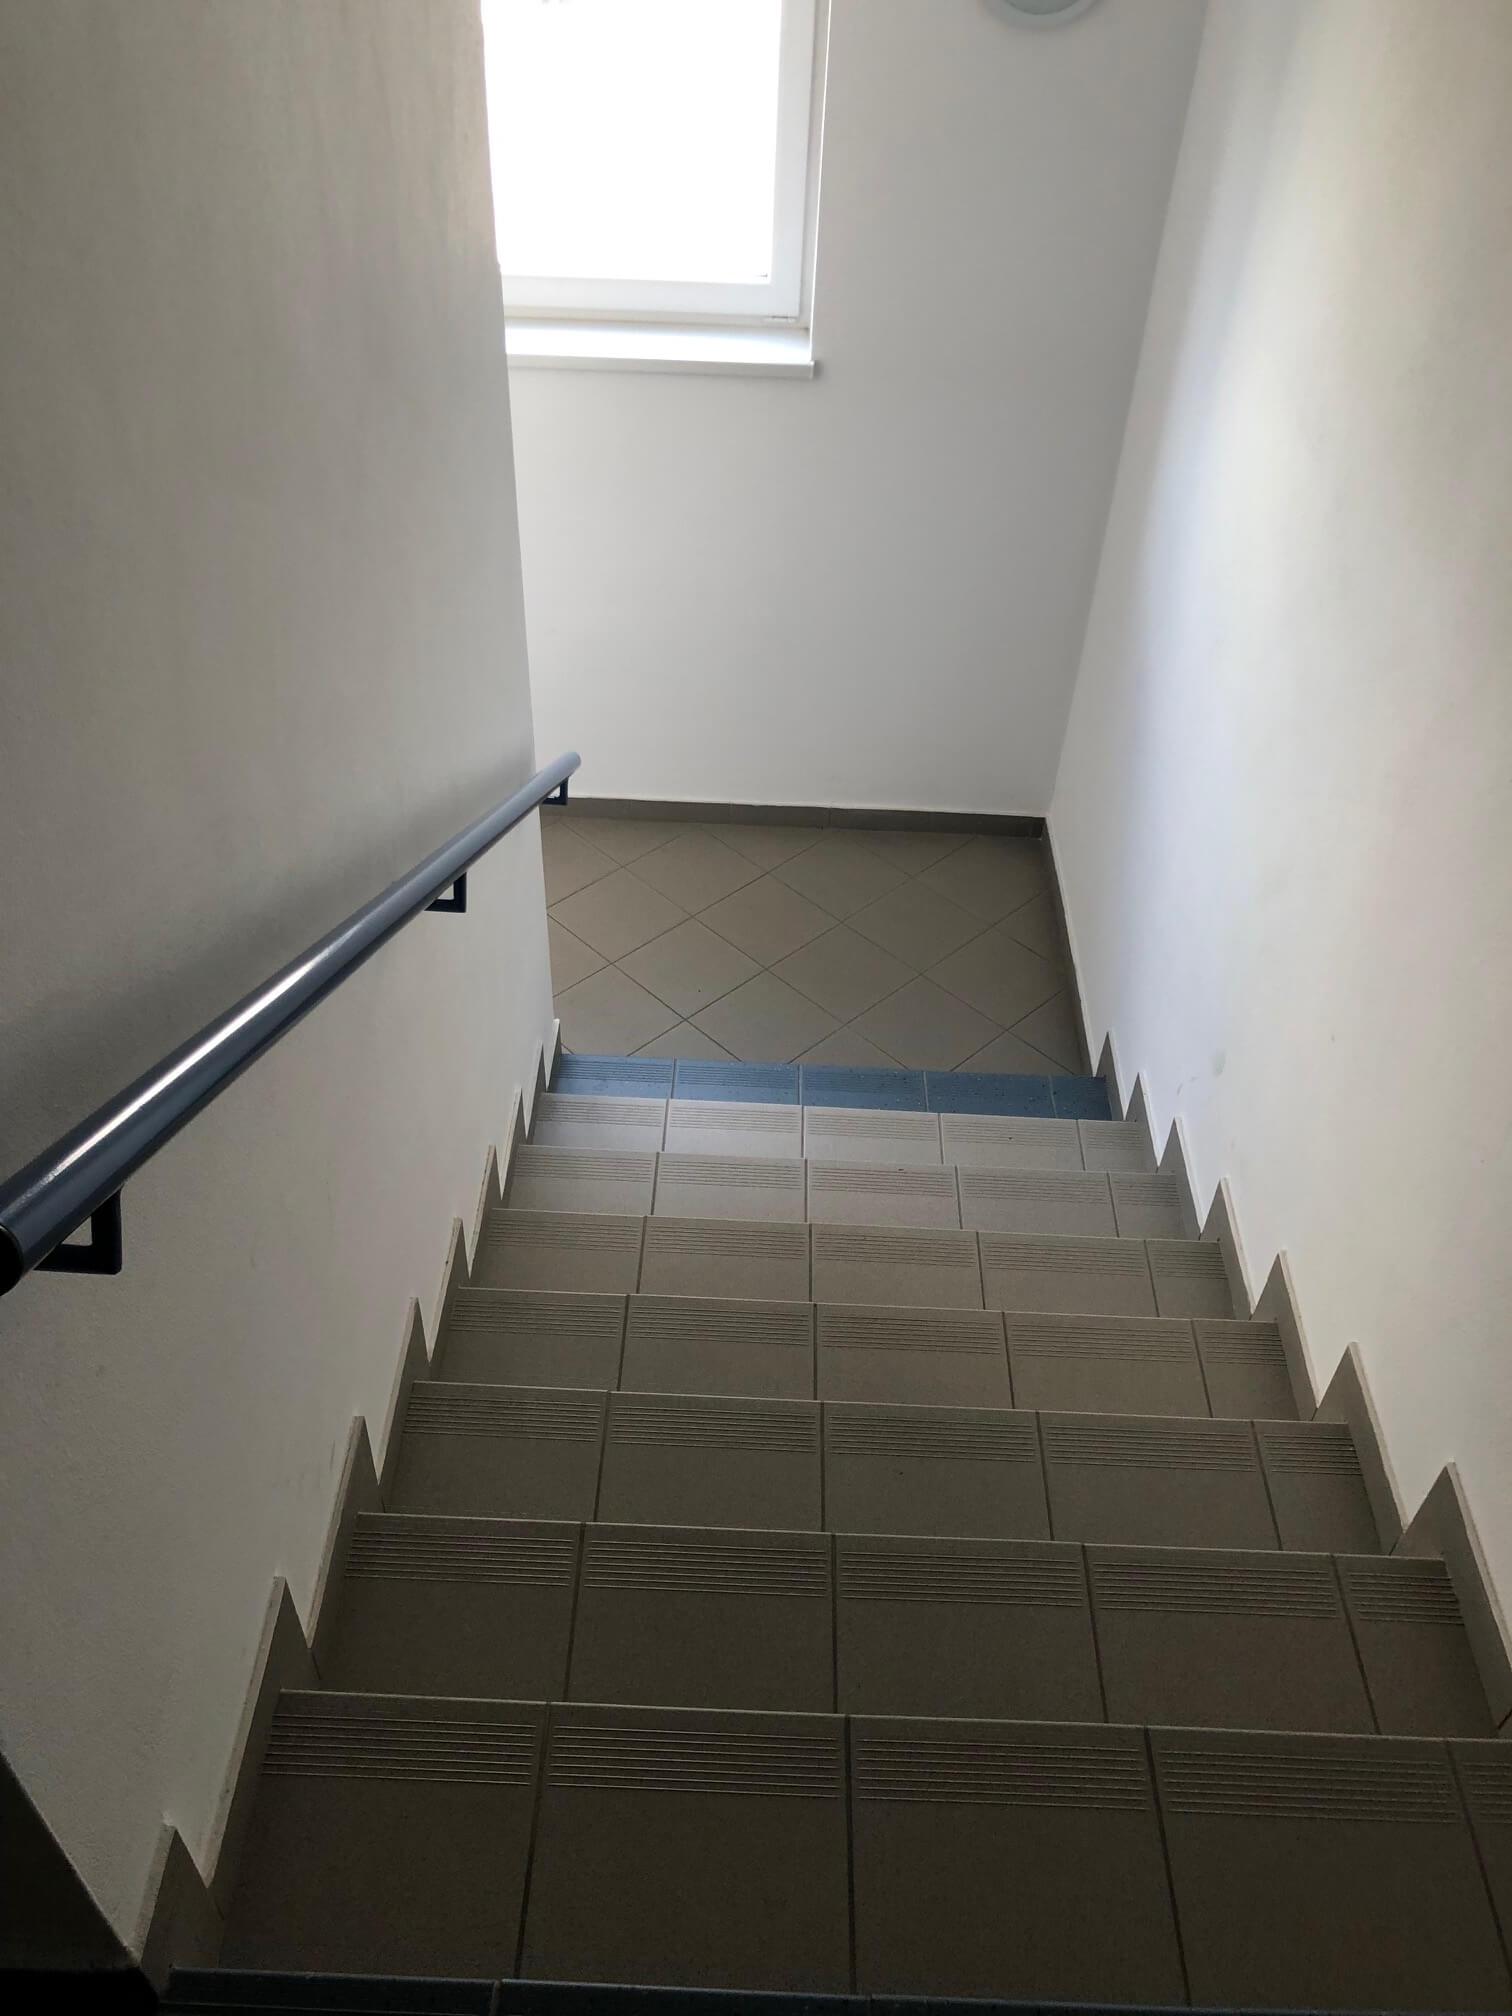 Predané: 3 izbový byt, novostavba, 72,25m2, loggia 4,82m2, Staré Grunty, Karlovka, garážové státie-47